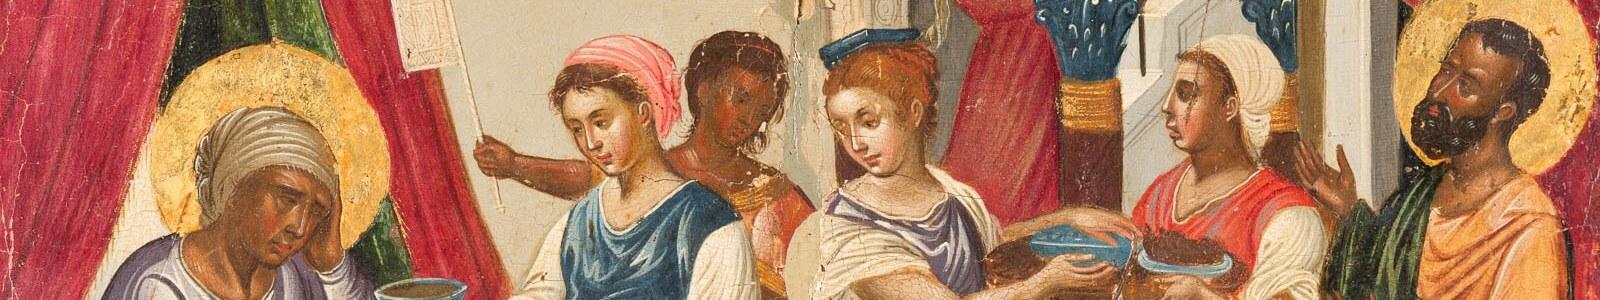 97-I | Избранные греческие иконы в том числе значительная частная коллекция